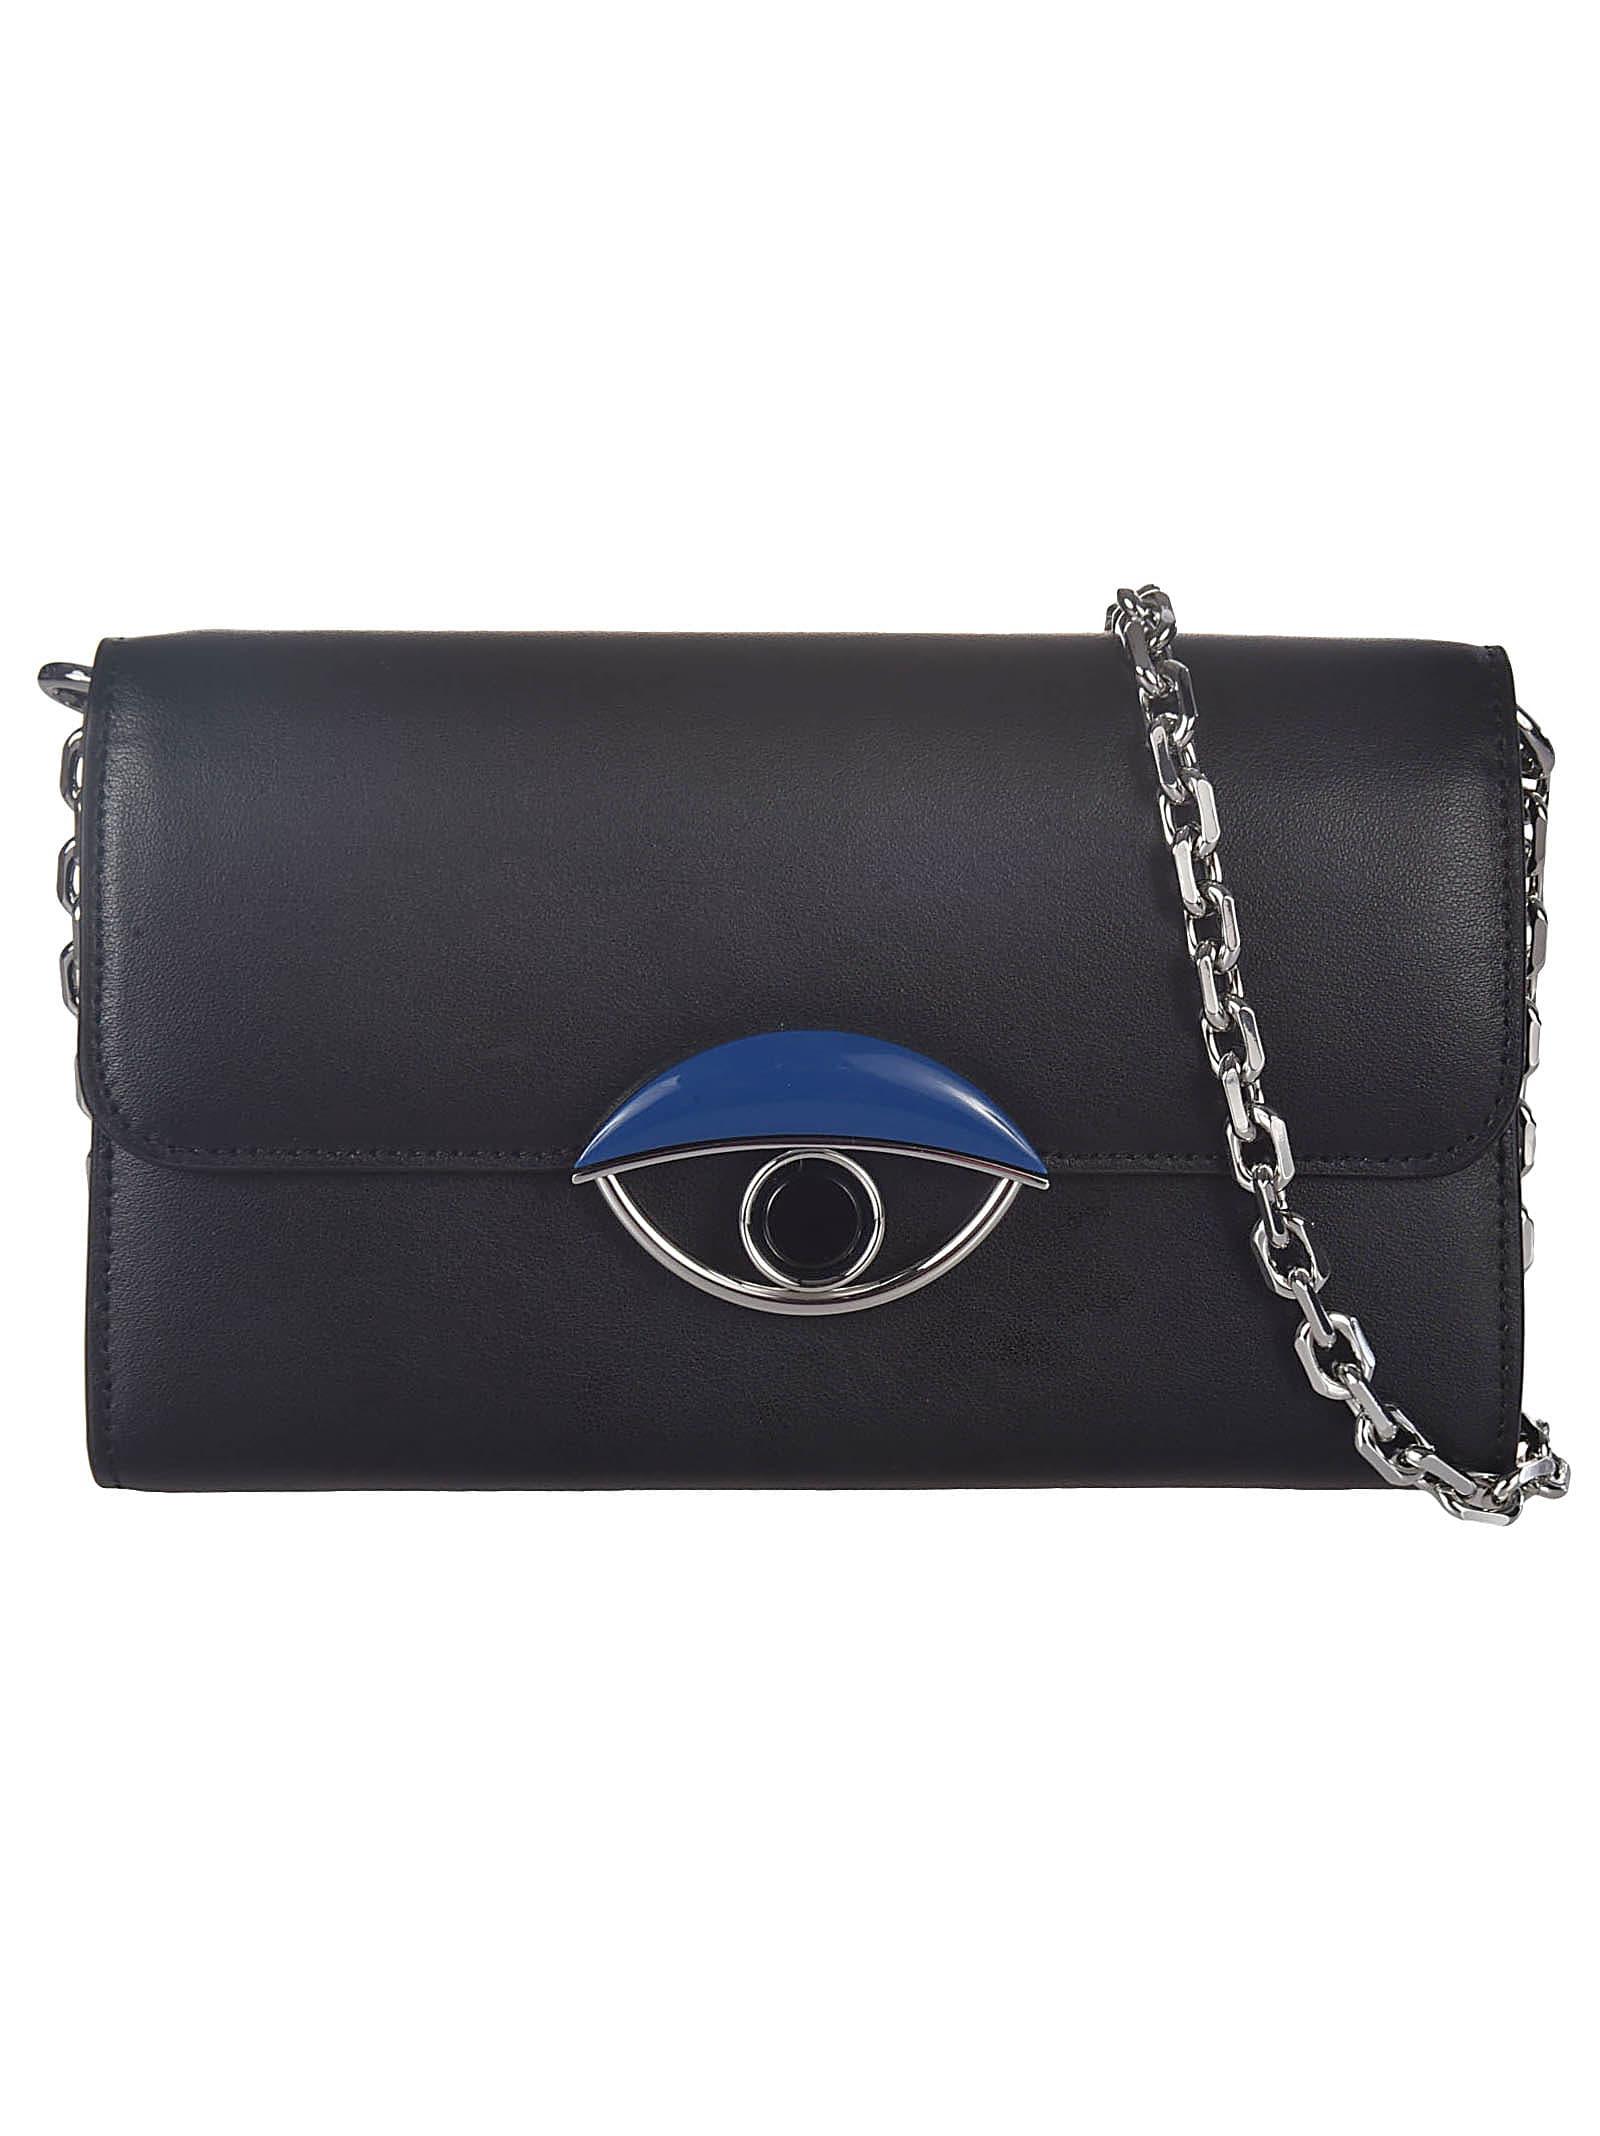 Kenzo Eye Chain Shoulder Bag